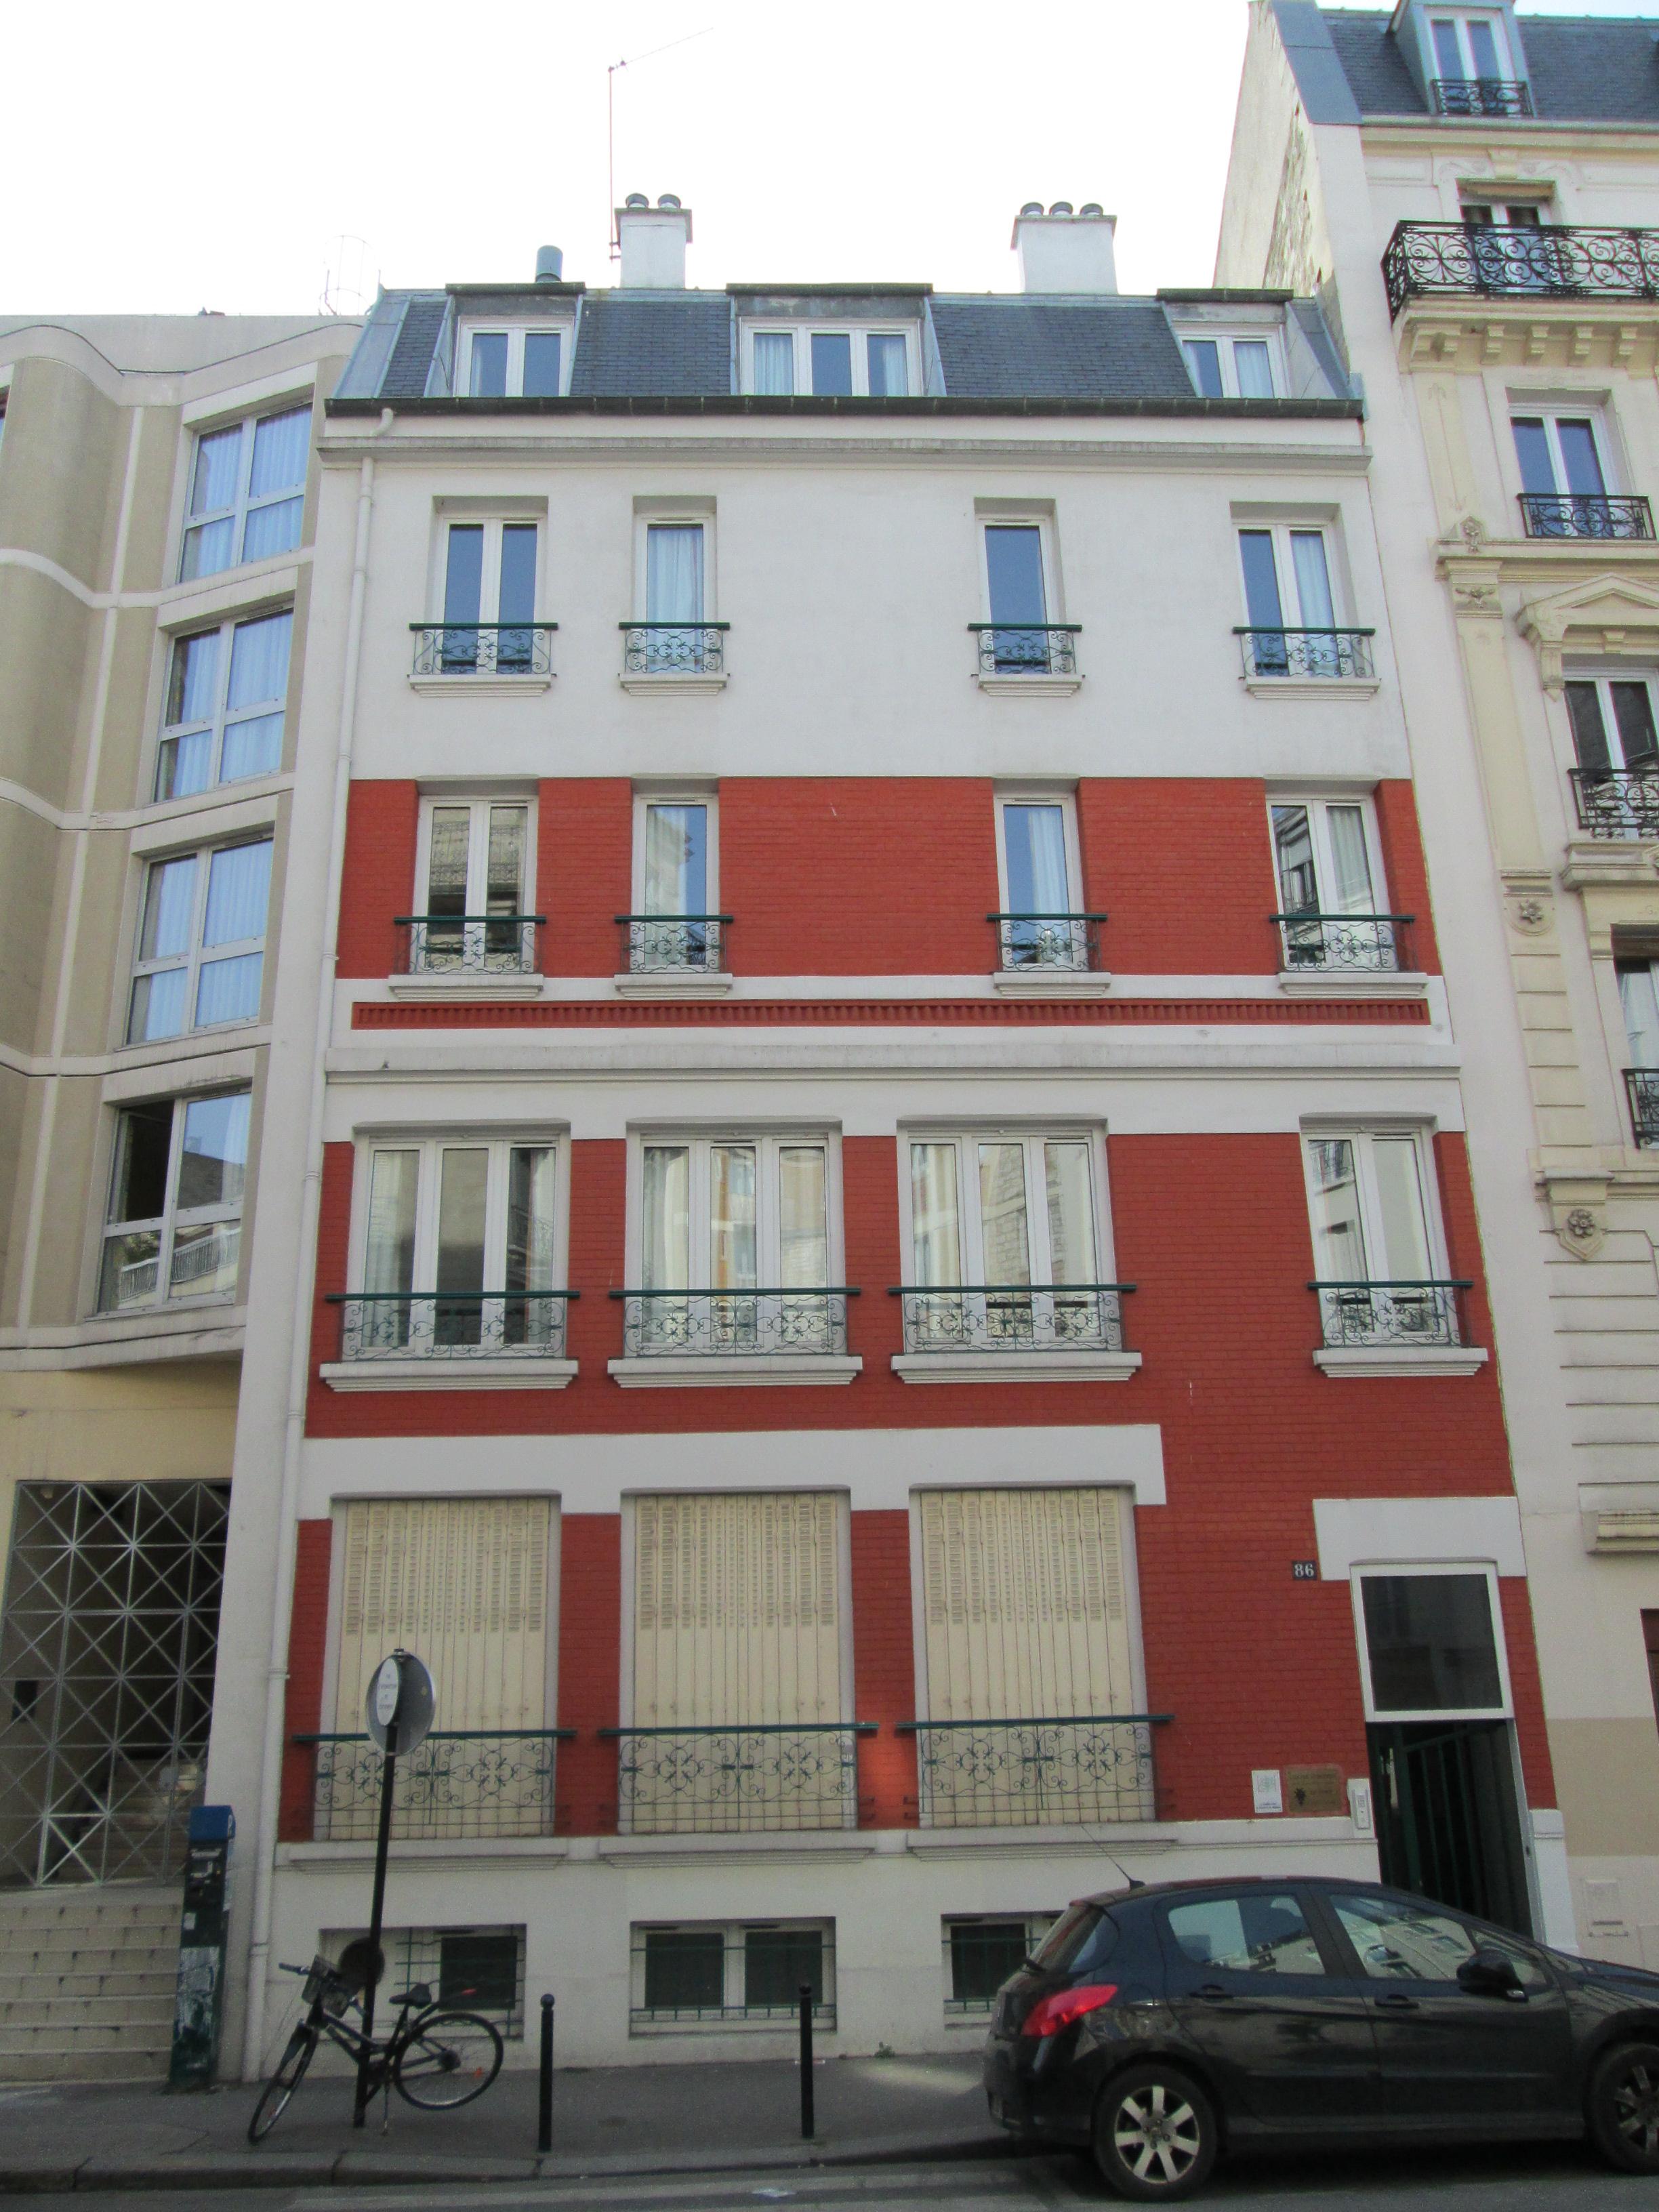 Hotel Foyer Le Pont Paris : Laizität paris foyer le pont tag bilder und gedanken